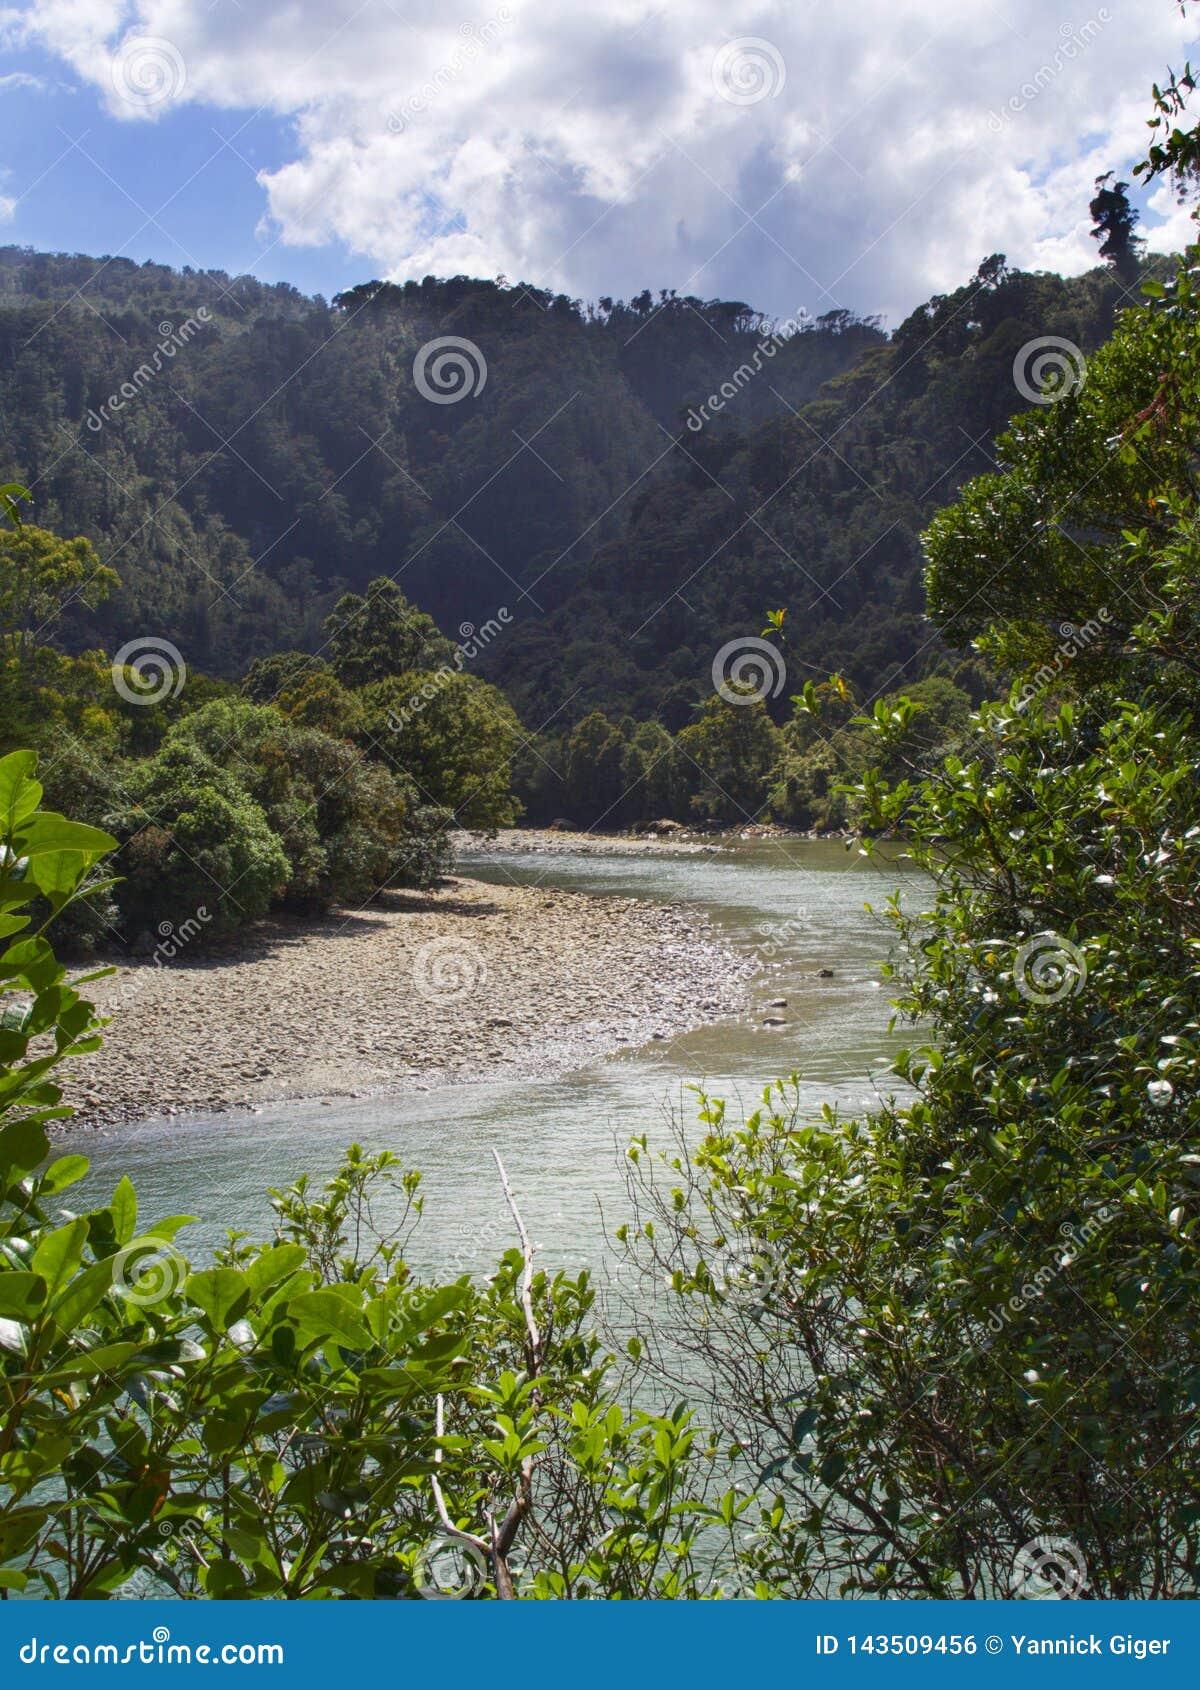 Ο ποταμός κάμπτει και κάμπτει μέσω της δασικής αγριότητας στη Νέα Ζηλανδία